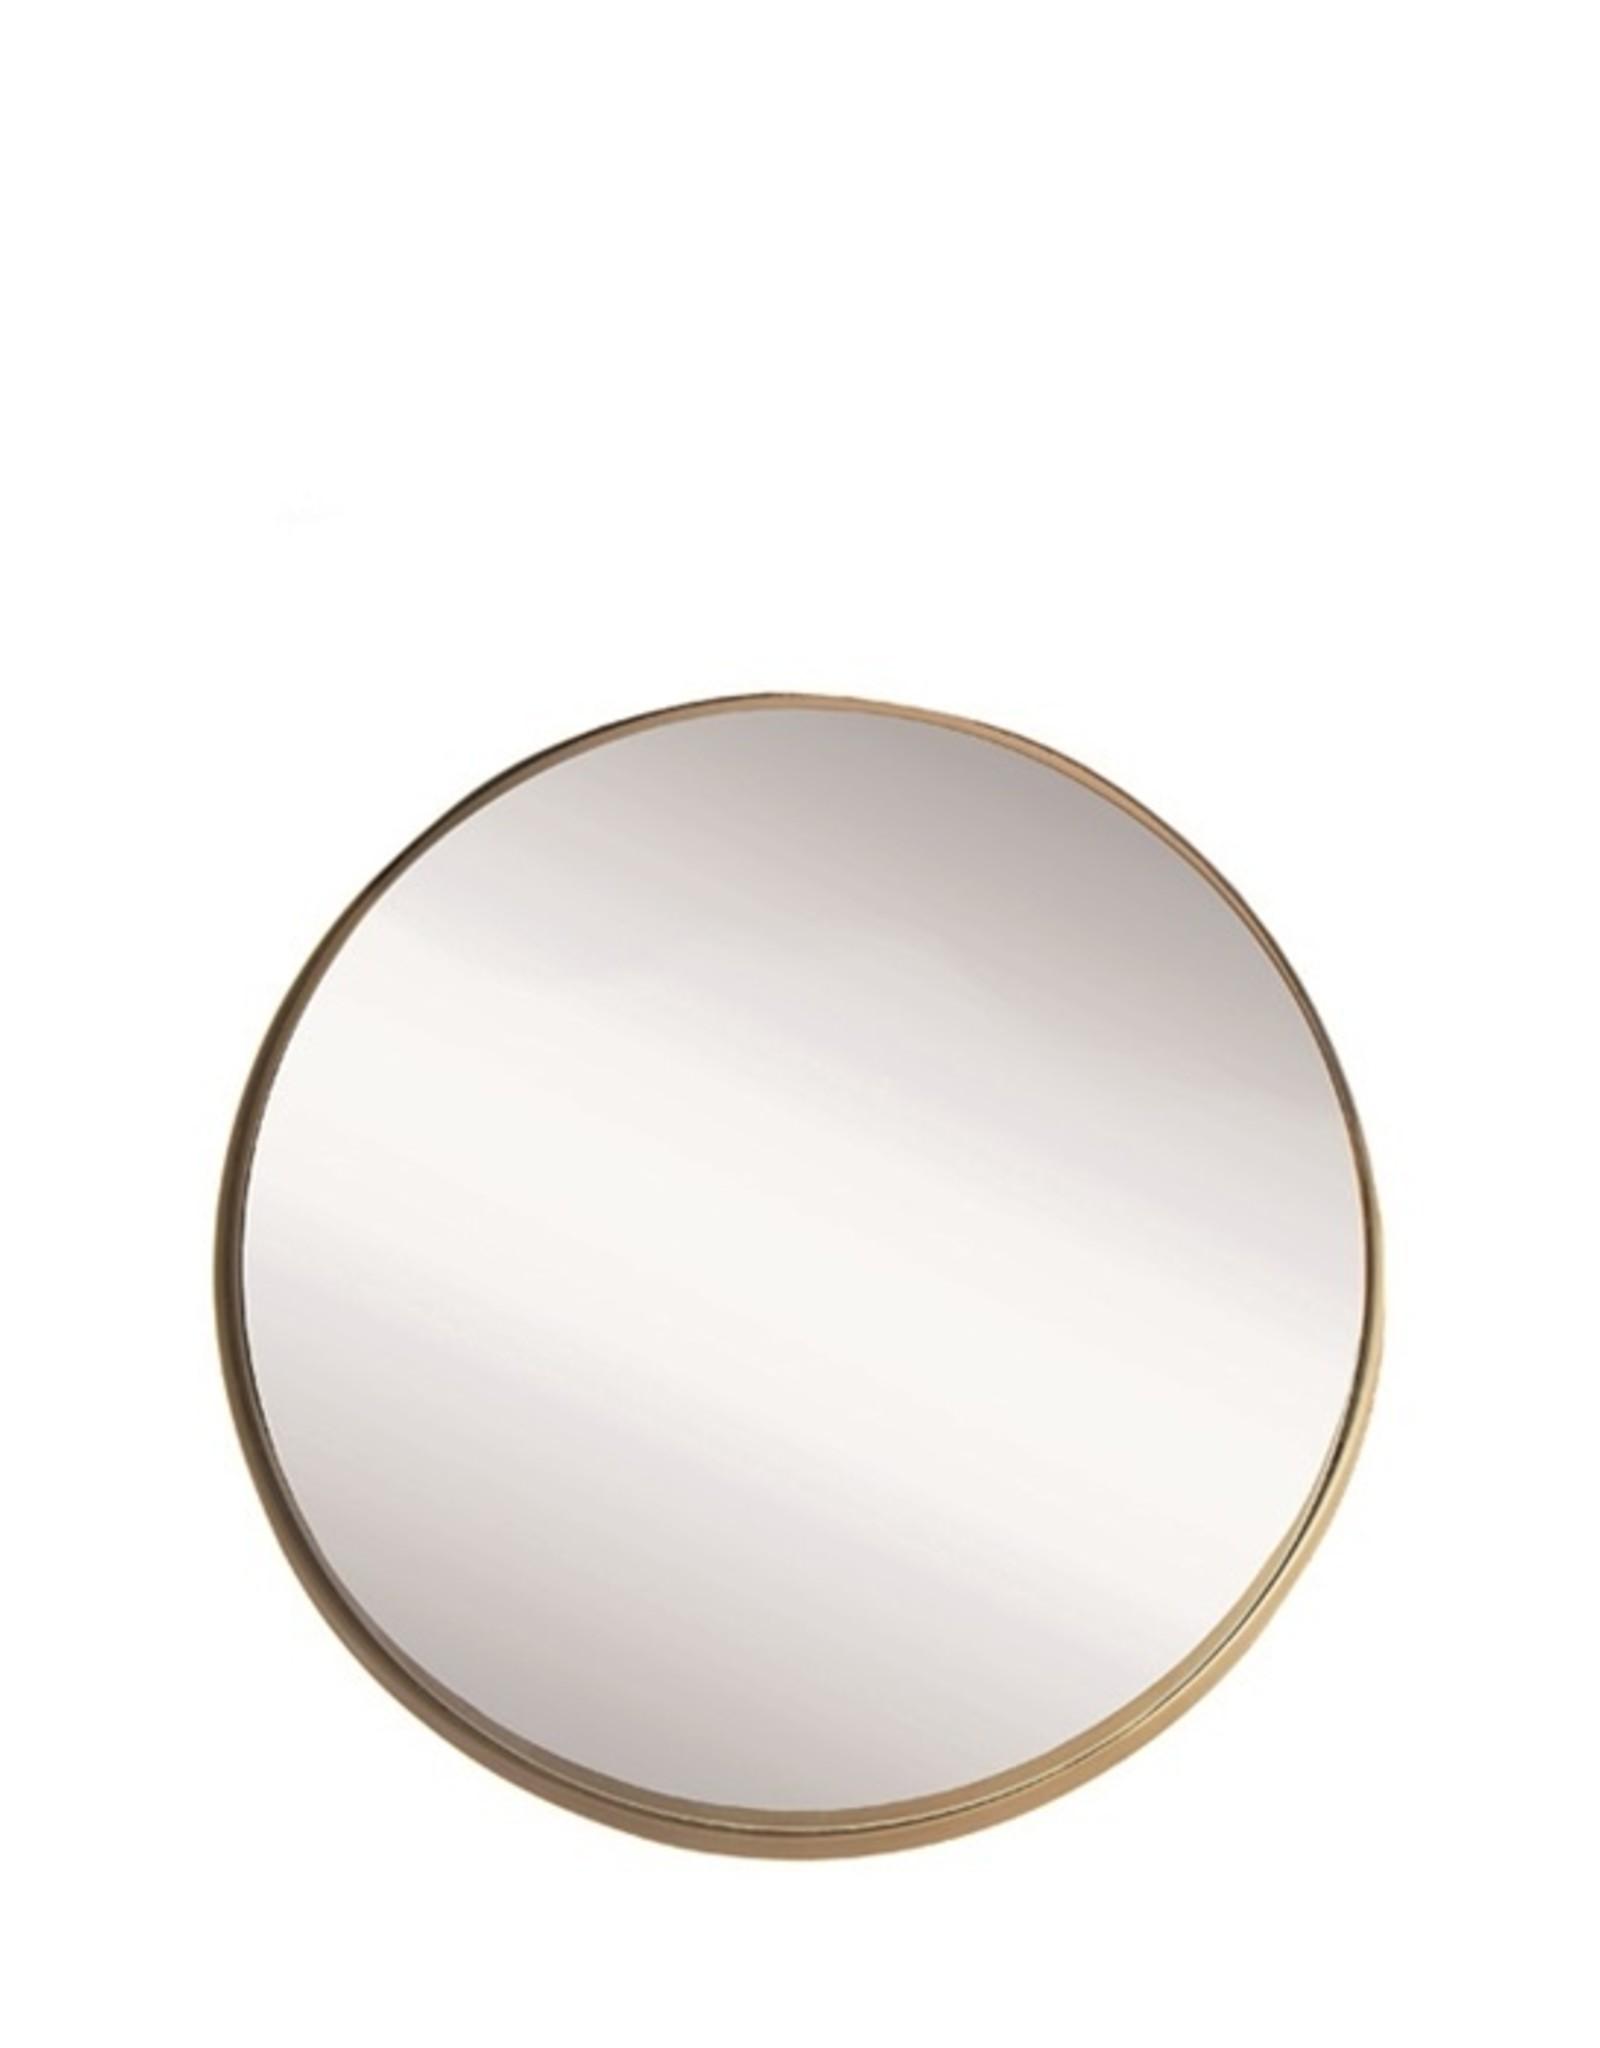 Riverdale Spiegel amaro goud rond 45 cm